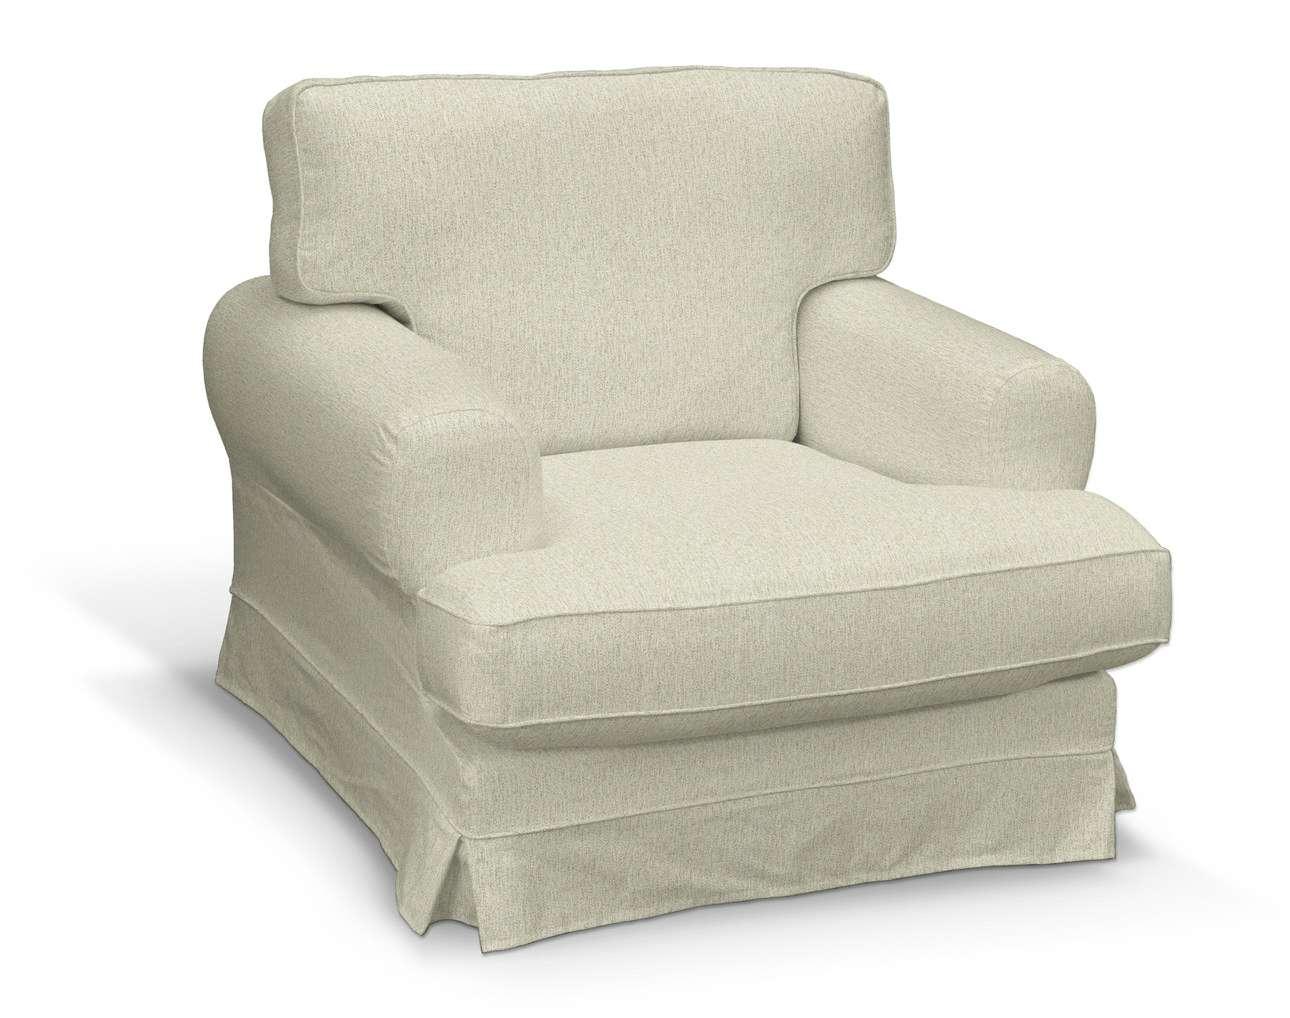 Pokrowiec na fotel Ekeskog w kolekcji Living, tkanina: 161-62